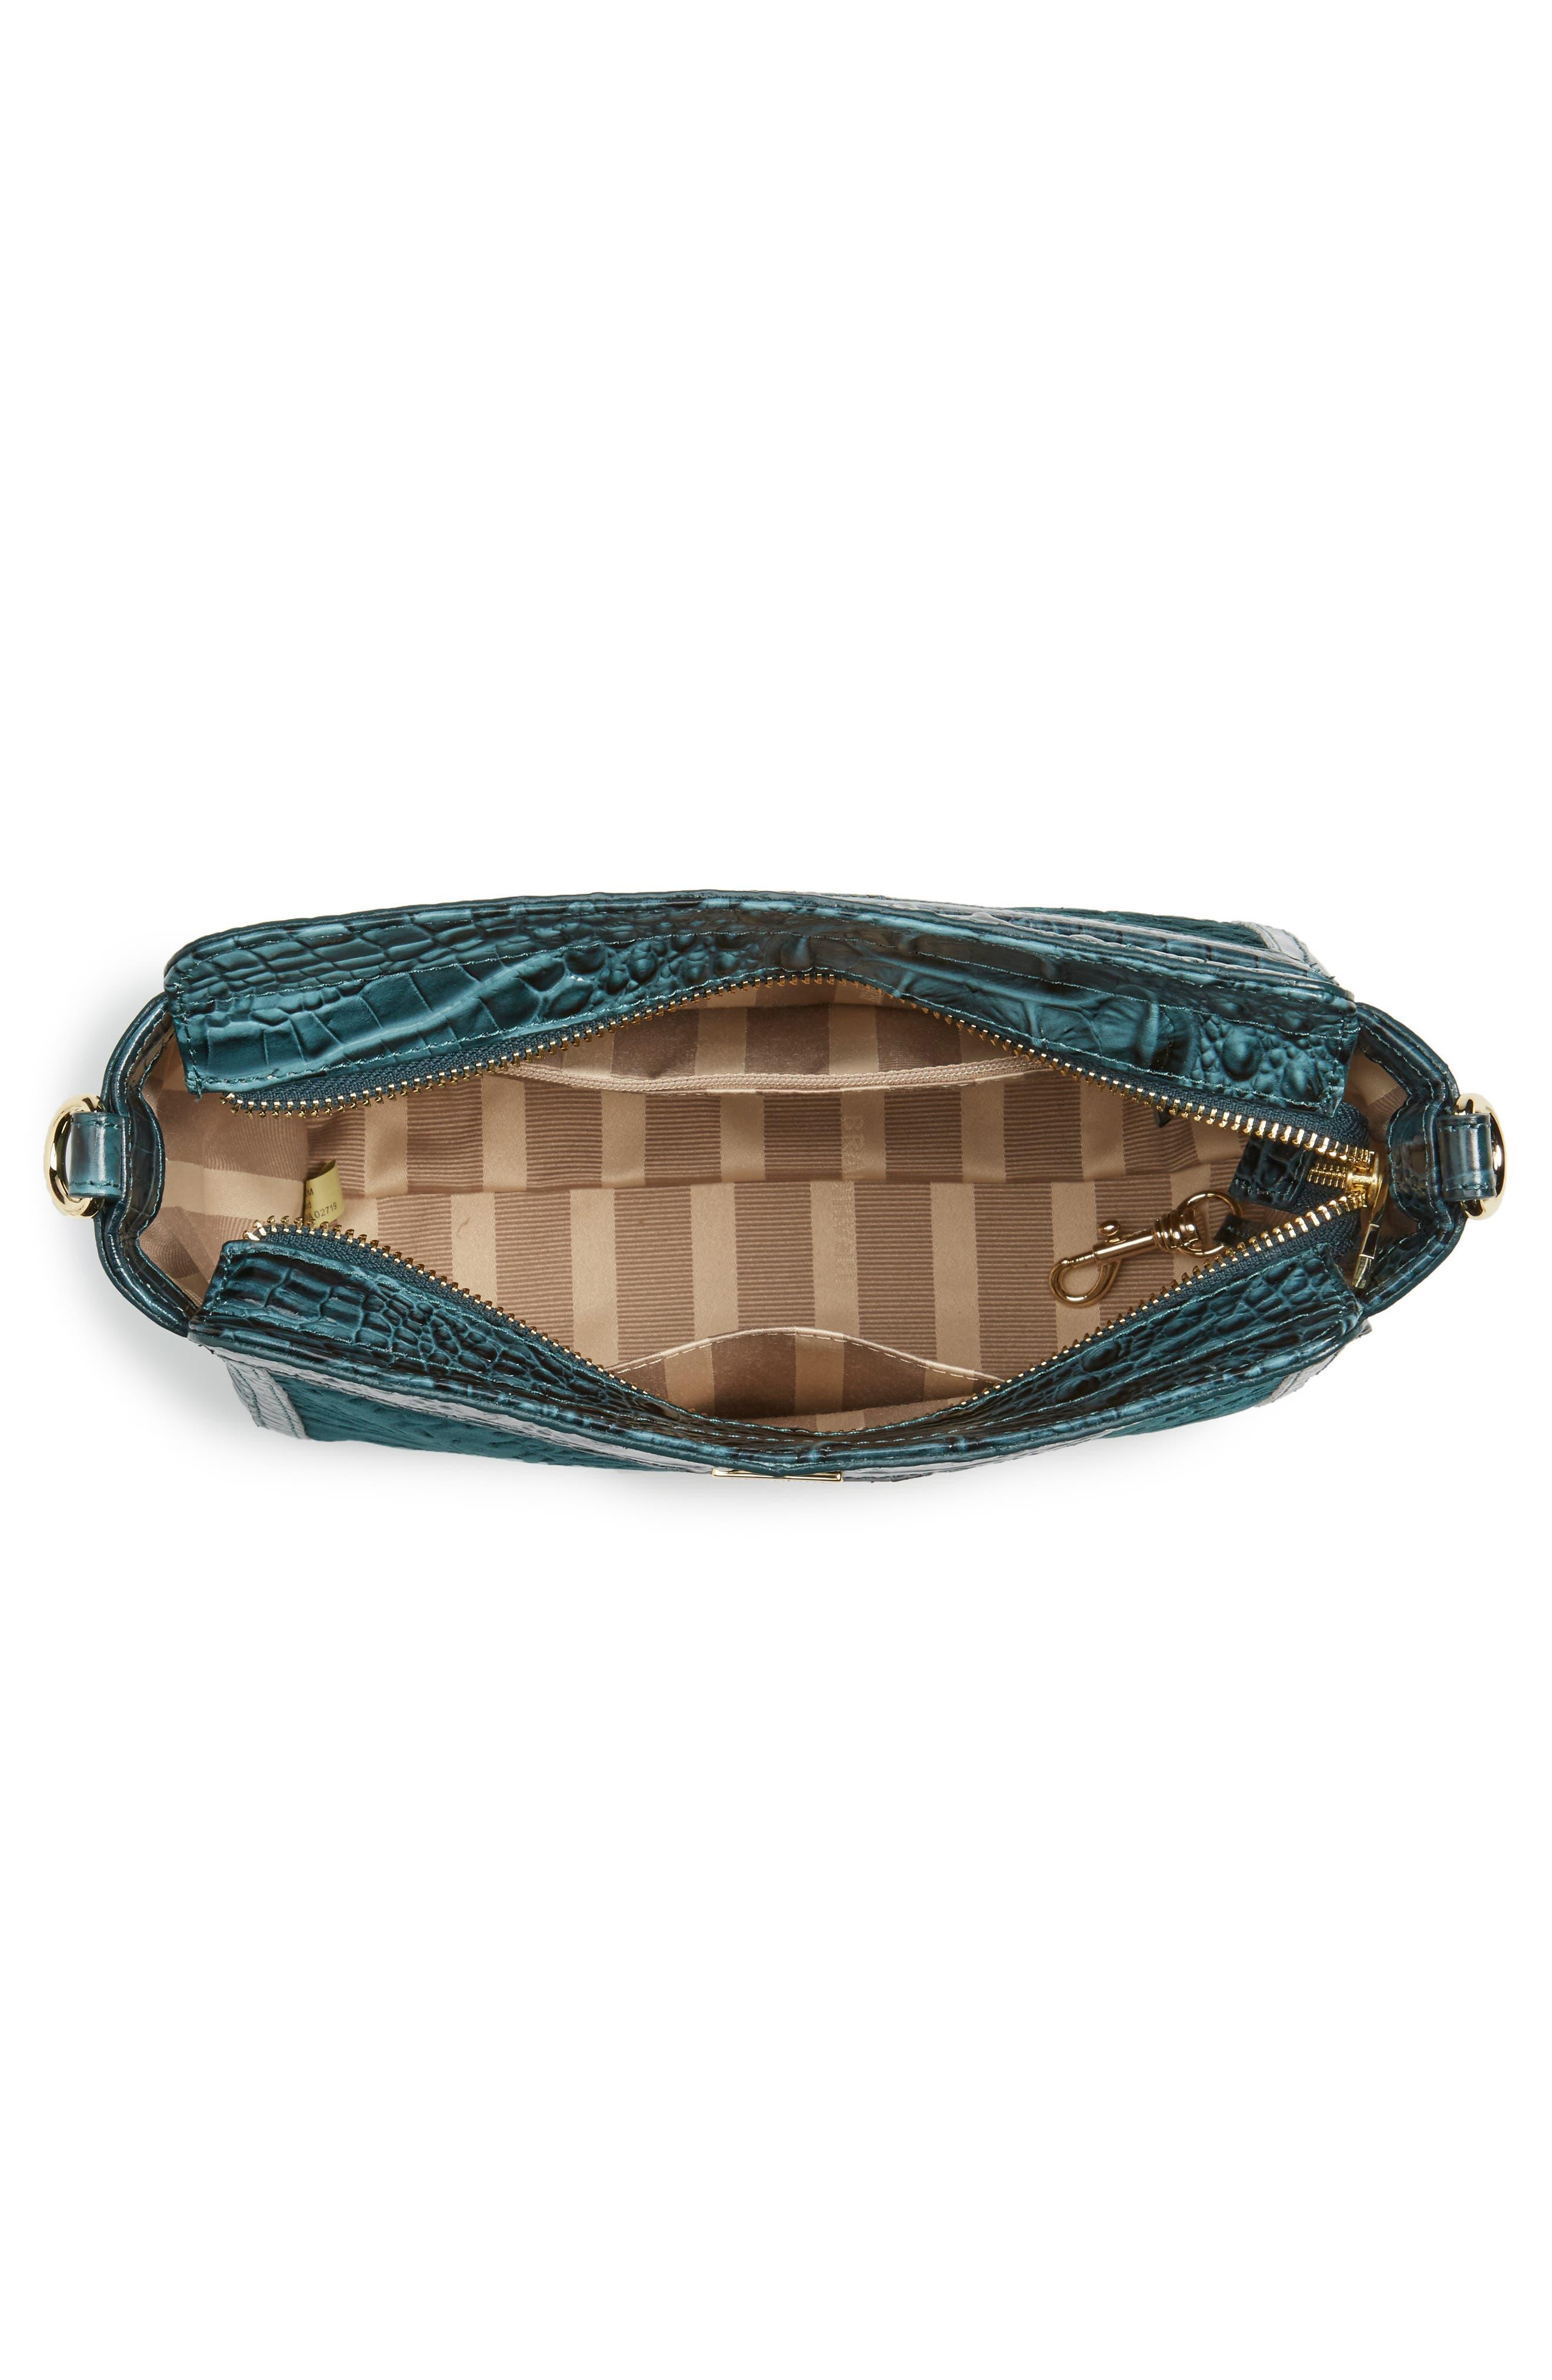 Alternate Image 3  - Brahmin Ivy Cellini Carrie Embossed Velvet Crossbody Bag